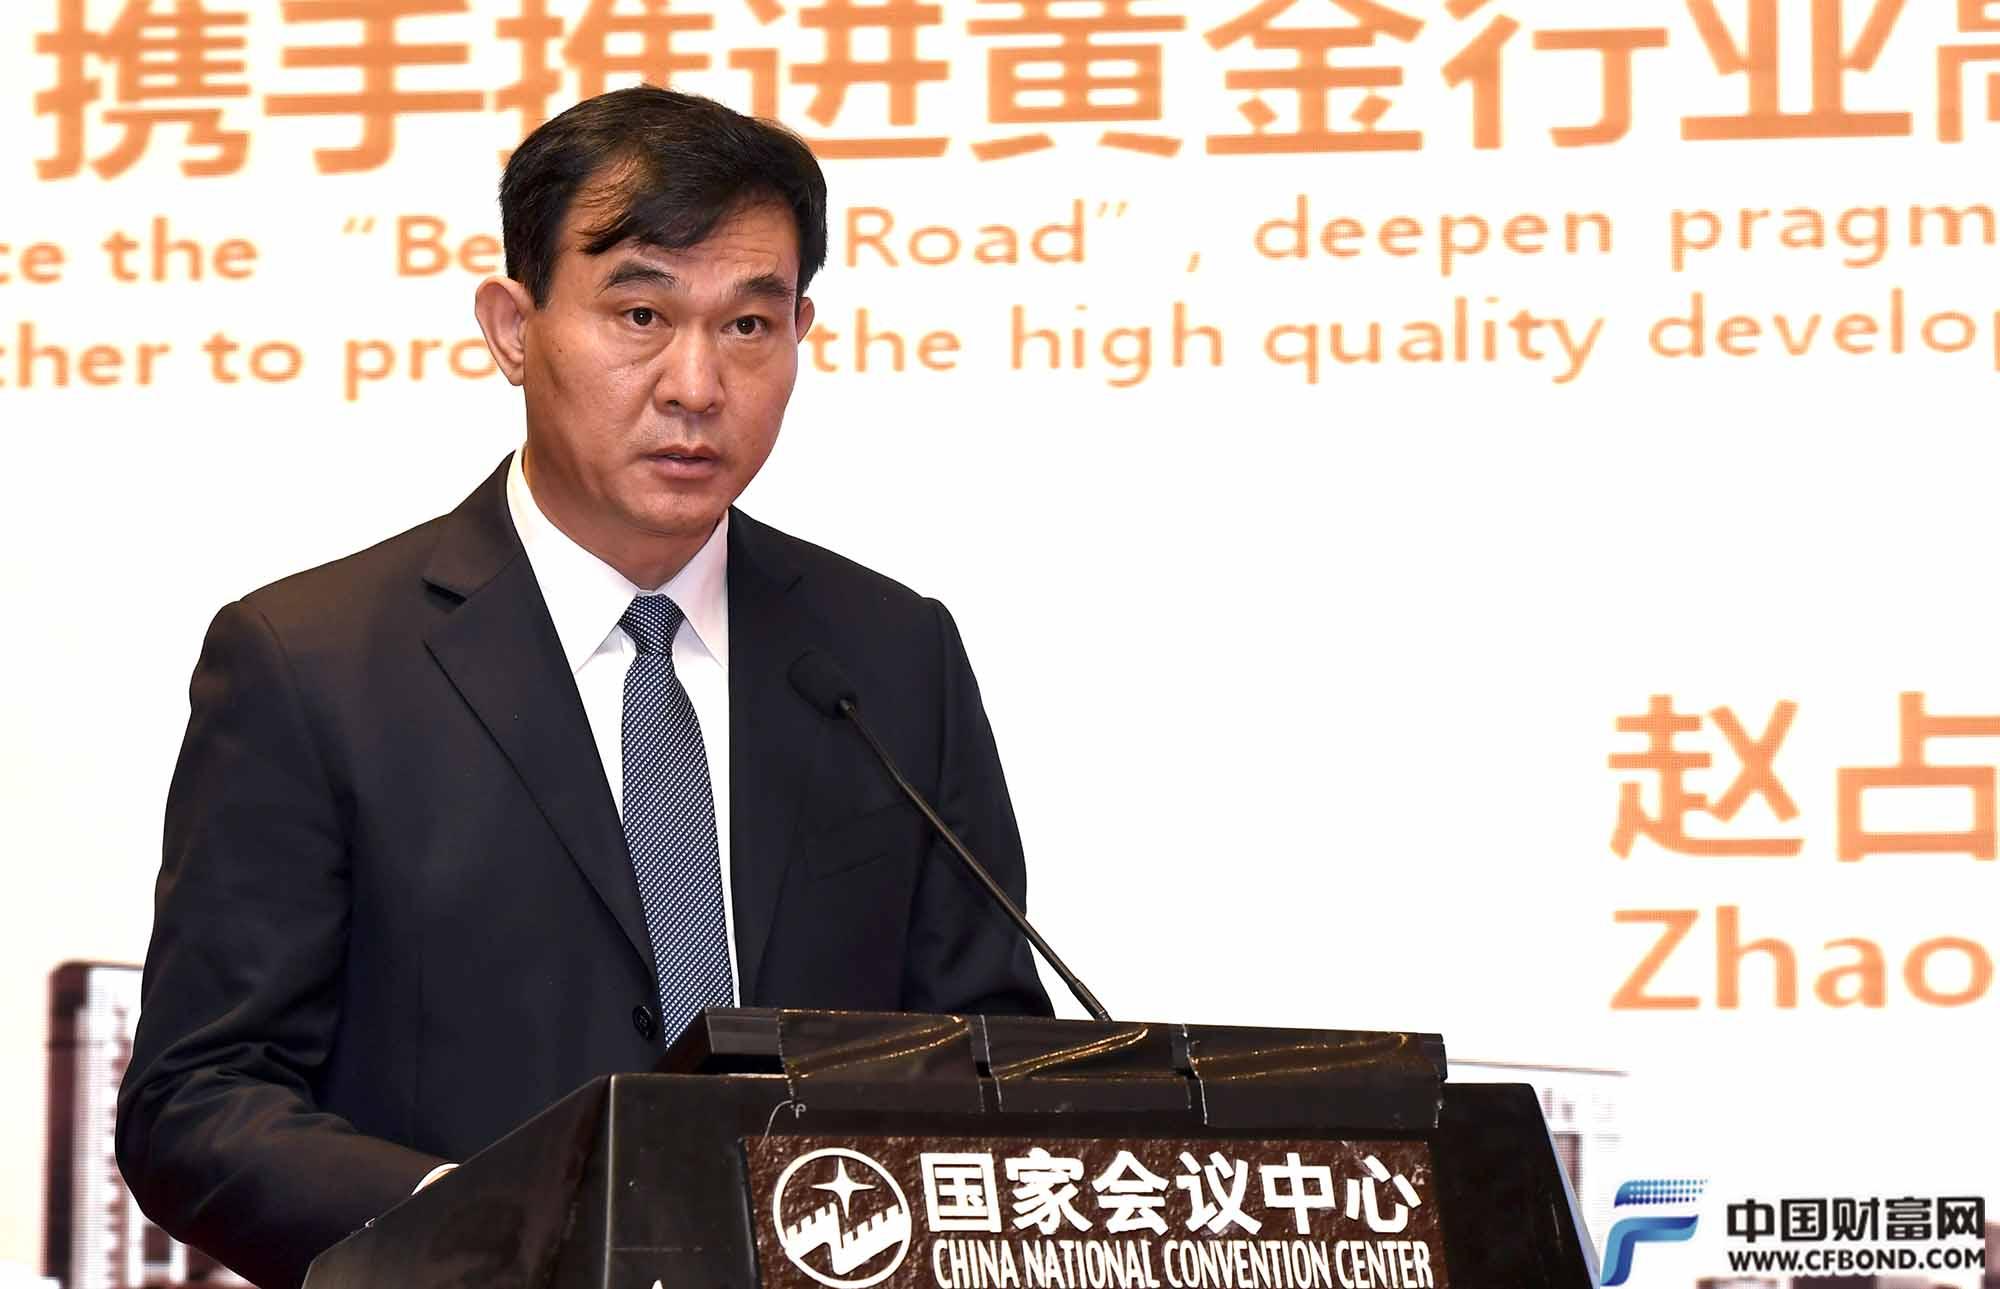 中国黄金集团总经理赵占国发言